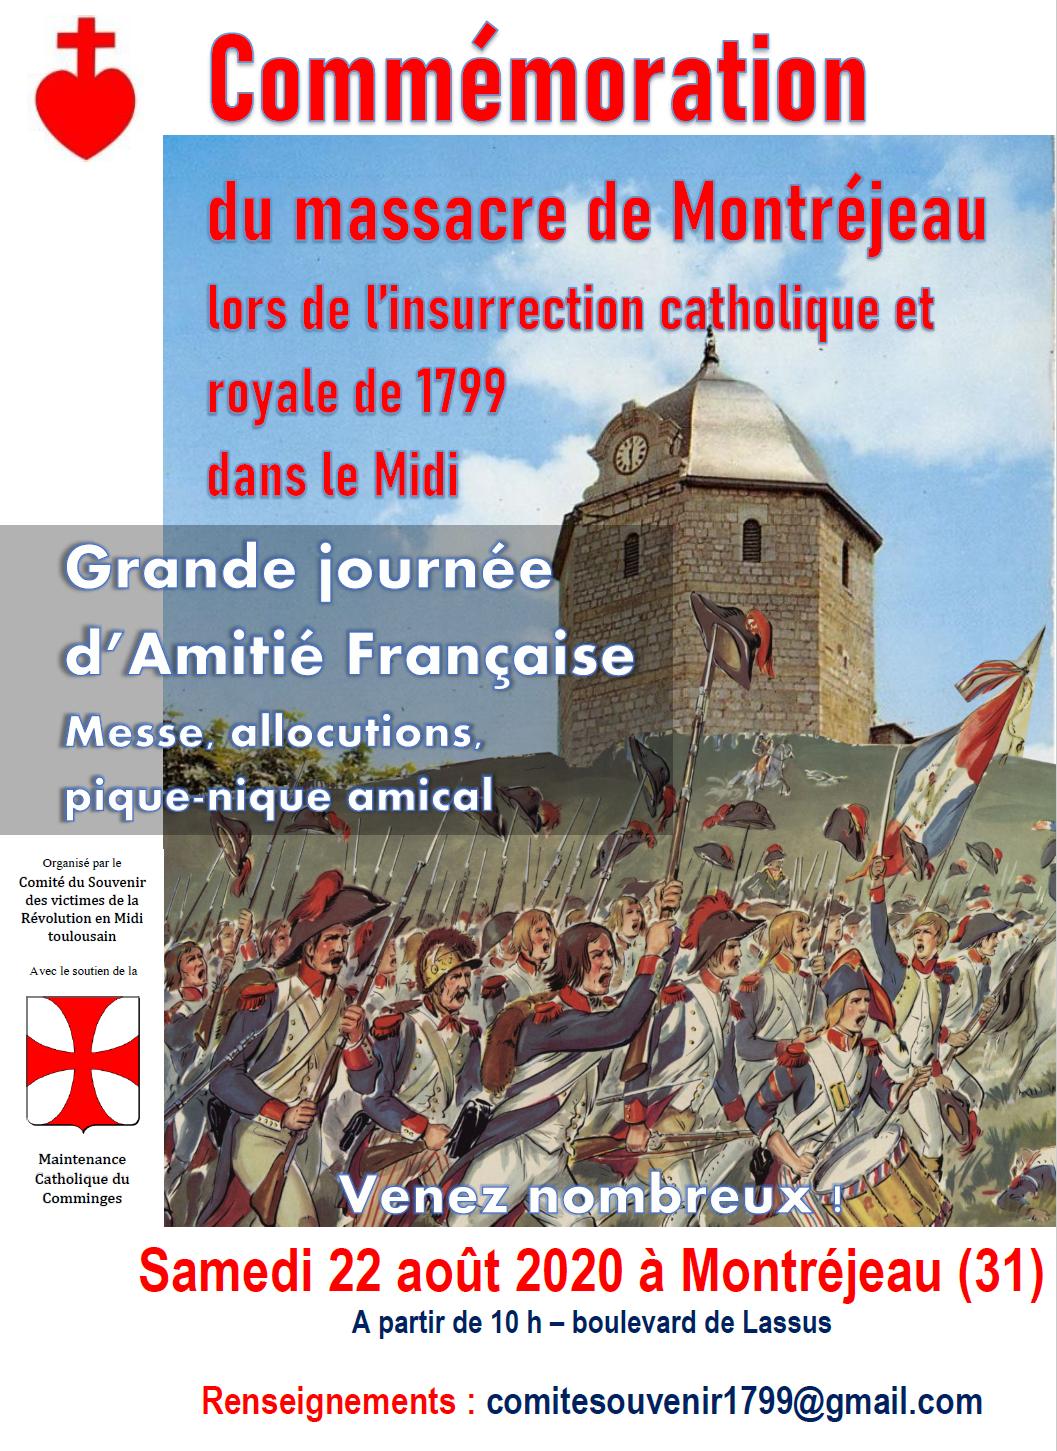 22 août 2020 – Commémoration du massacre de Montréjeau Image-Montr%C3%A9jeau-2020